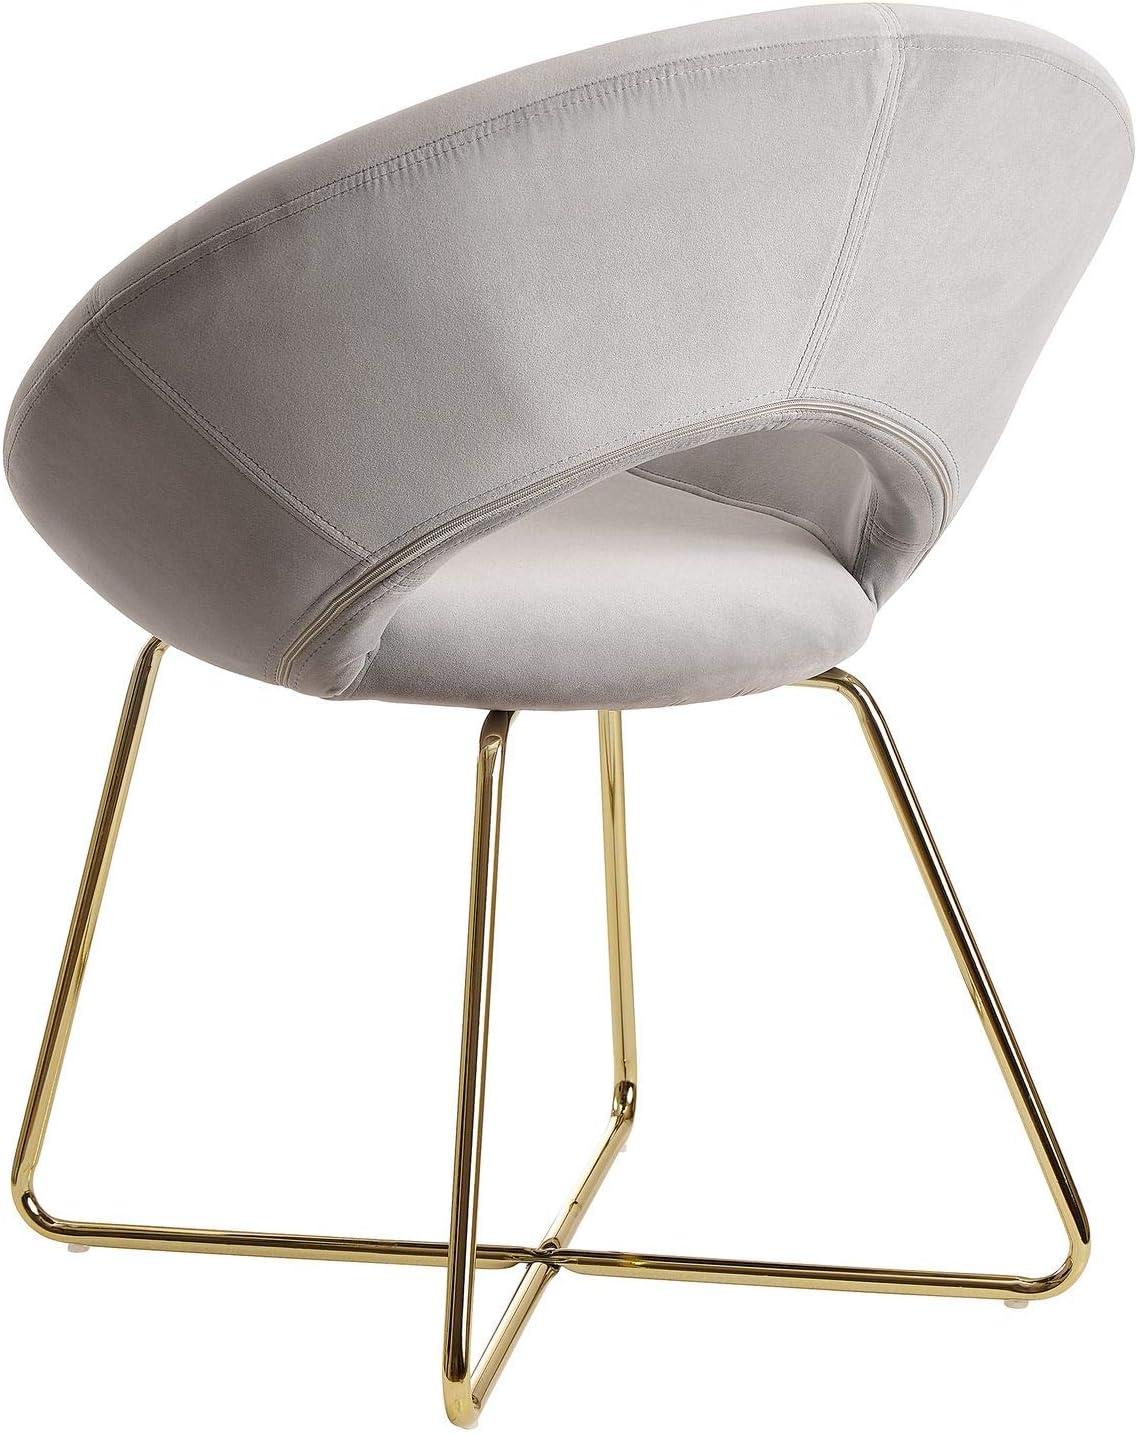 FineBuy Chaise de Salle à Manger Gris Foncé Velours/Métal Design Moderne | Chaise Cuisine avec Dossier | Chaise Rembourrée Capacité de Charge maximale 110 kg Gris Clair